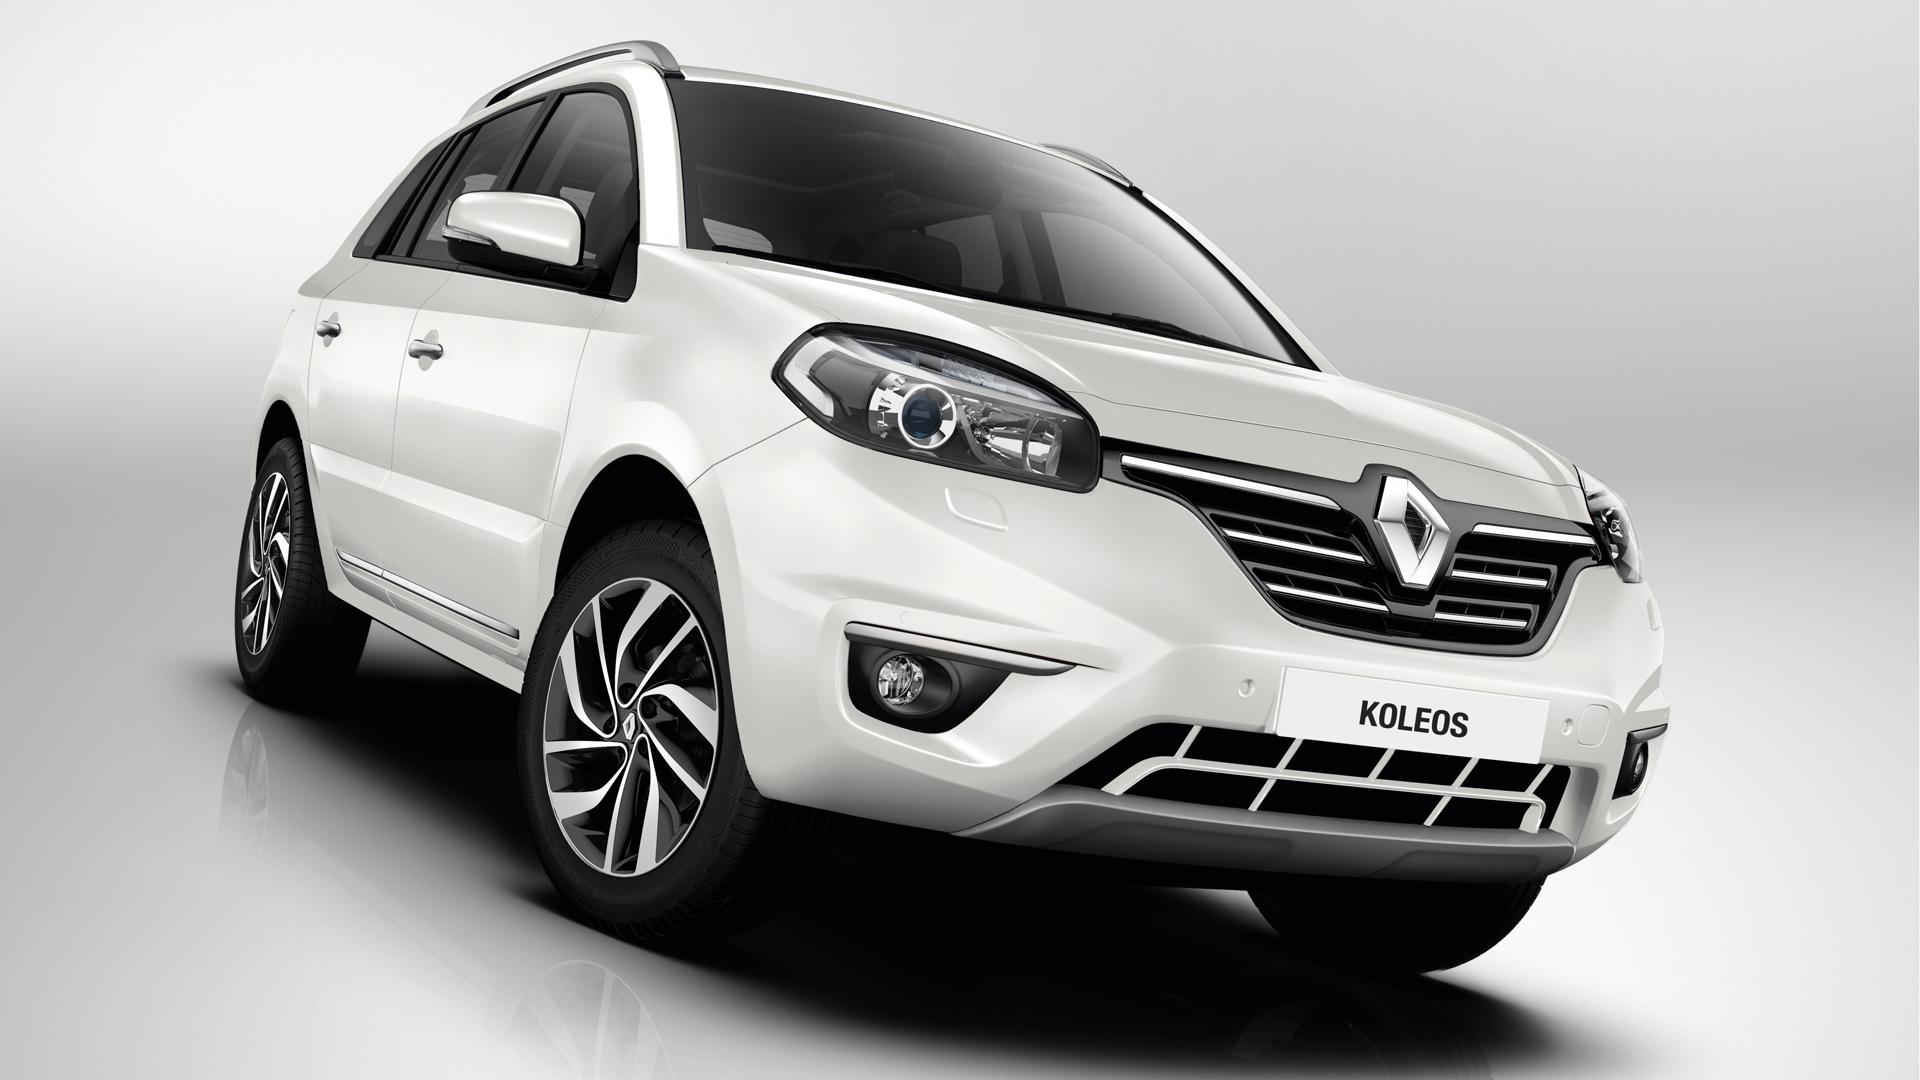 Spesifikasi Renault Koleos dan Keunggulannya 1